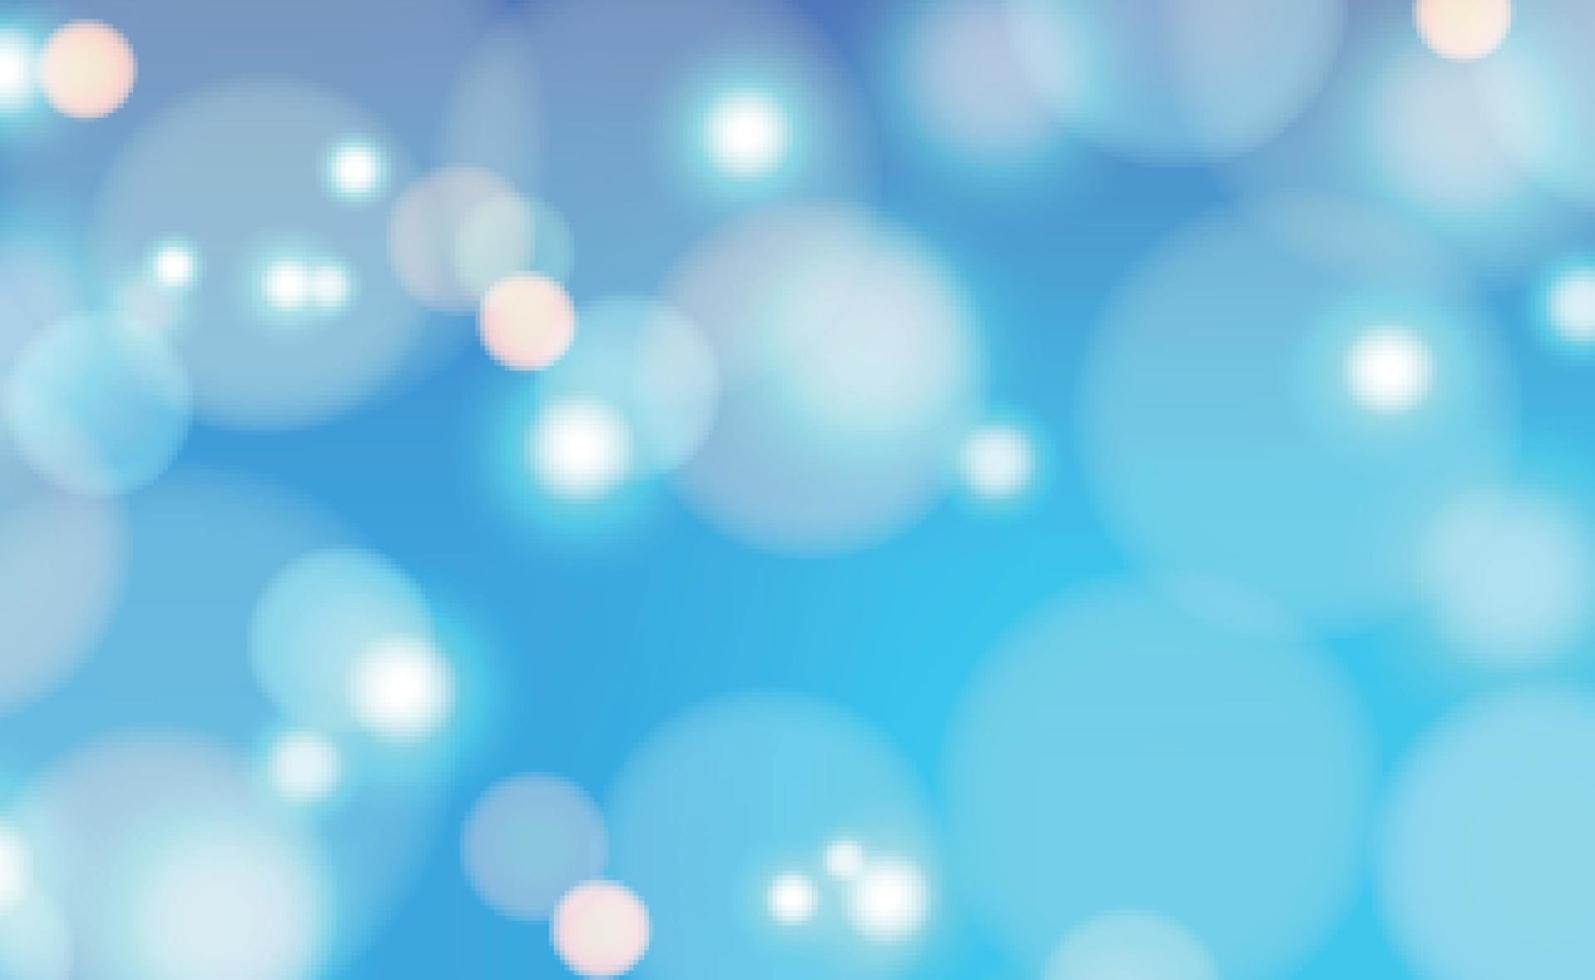 weißes unscharfes Bokeh auf blauem Hintergrund vektor